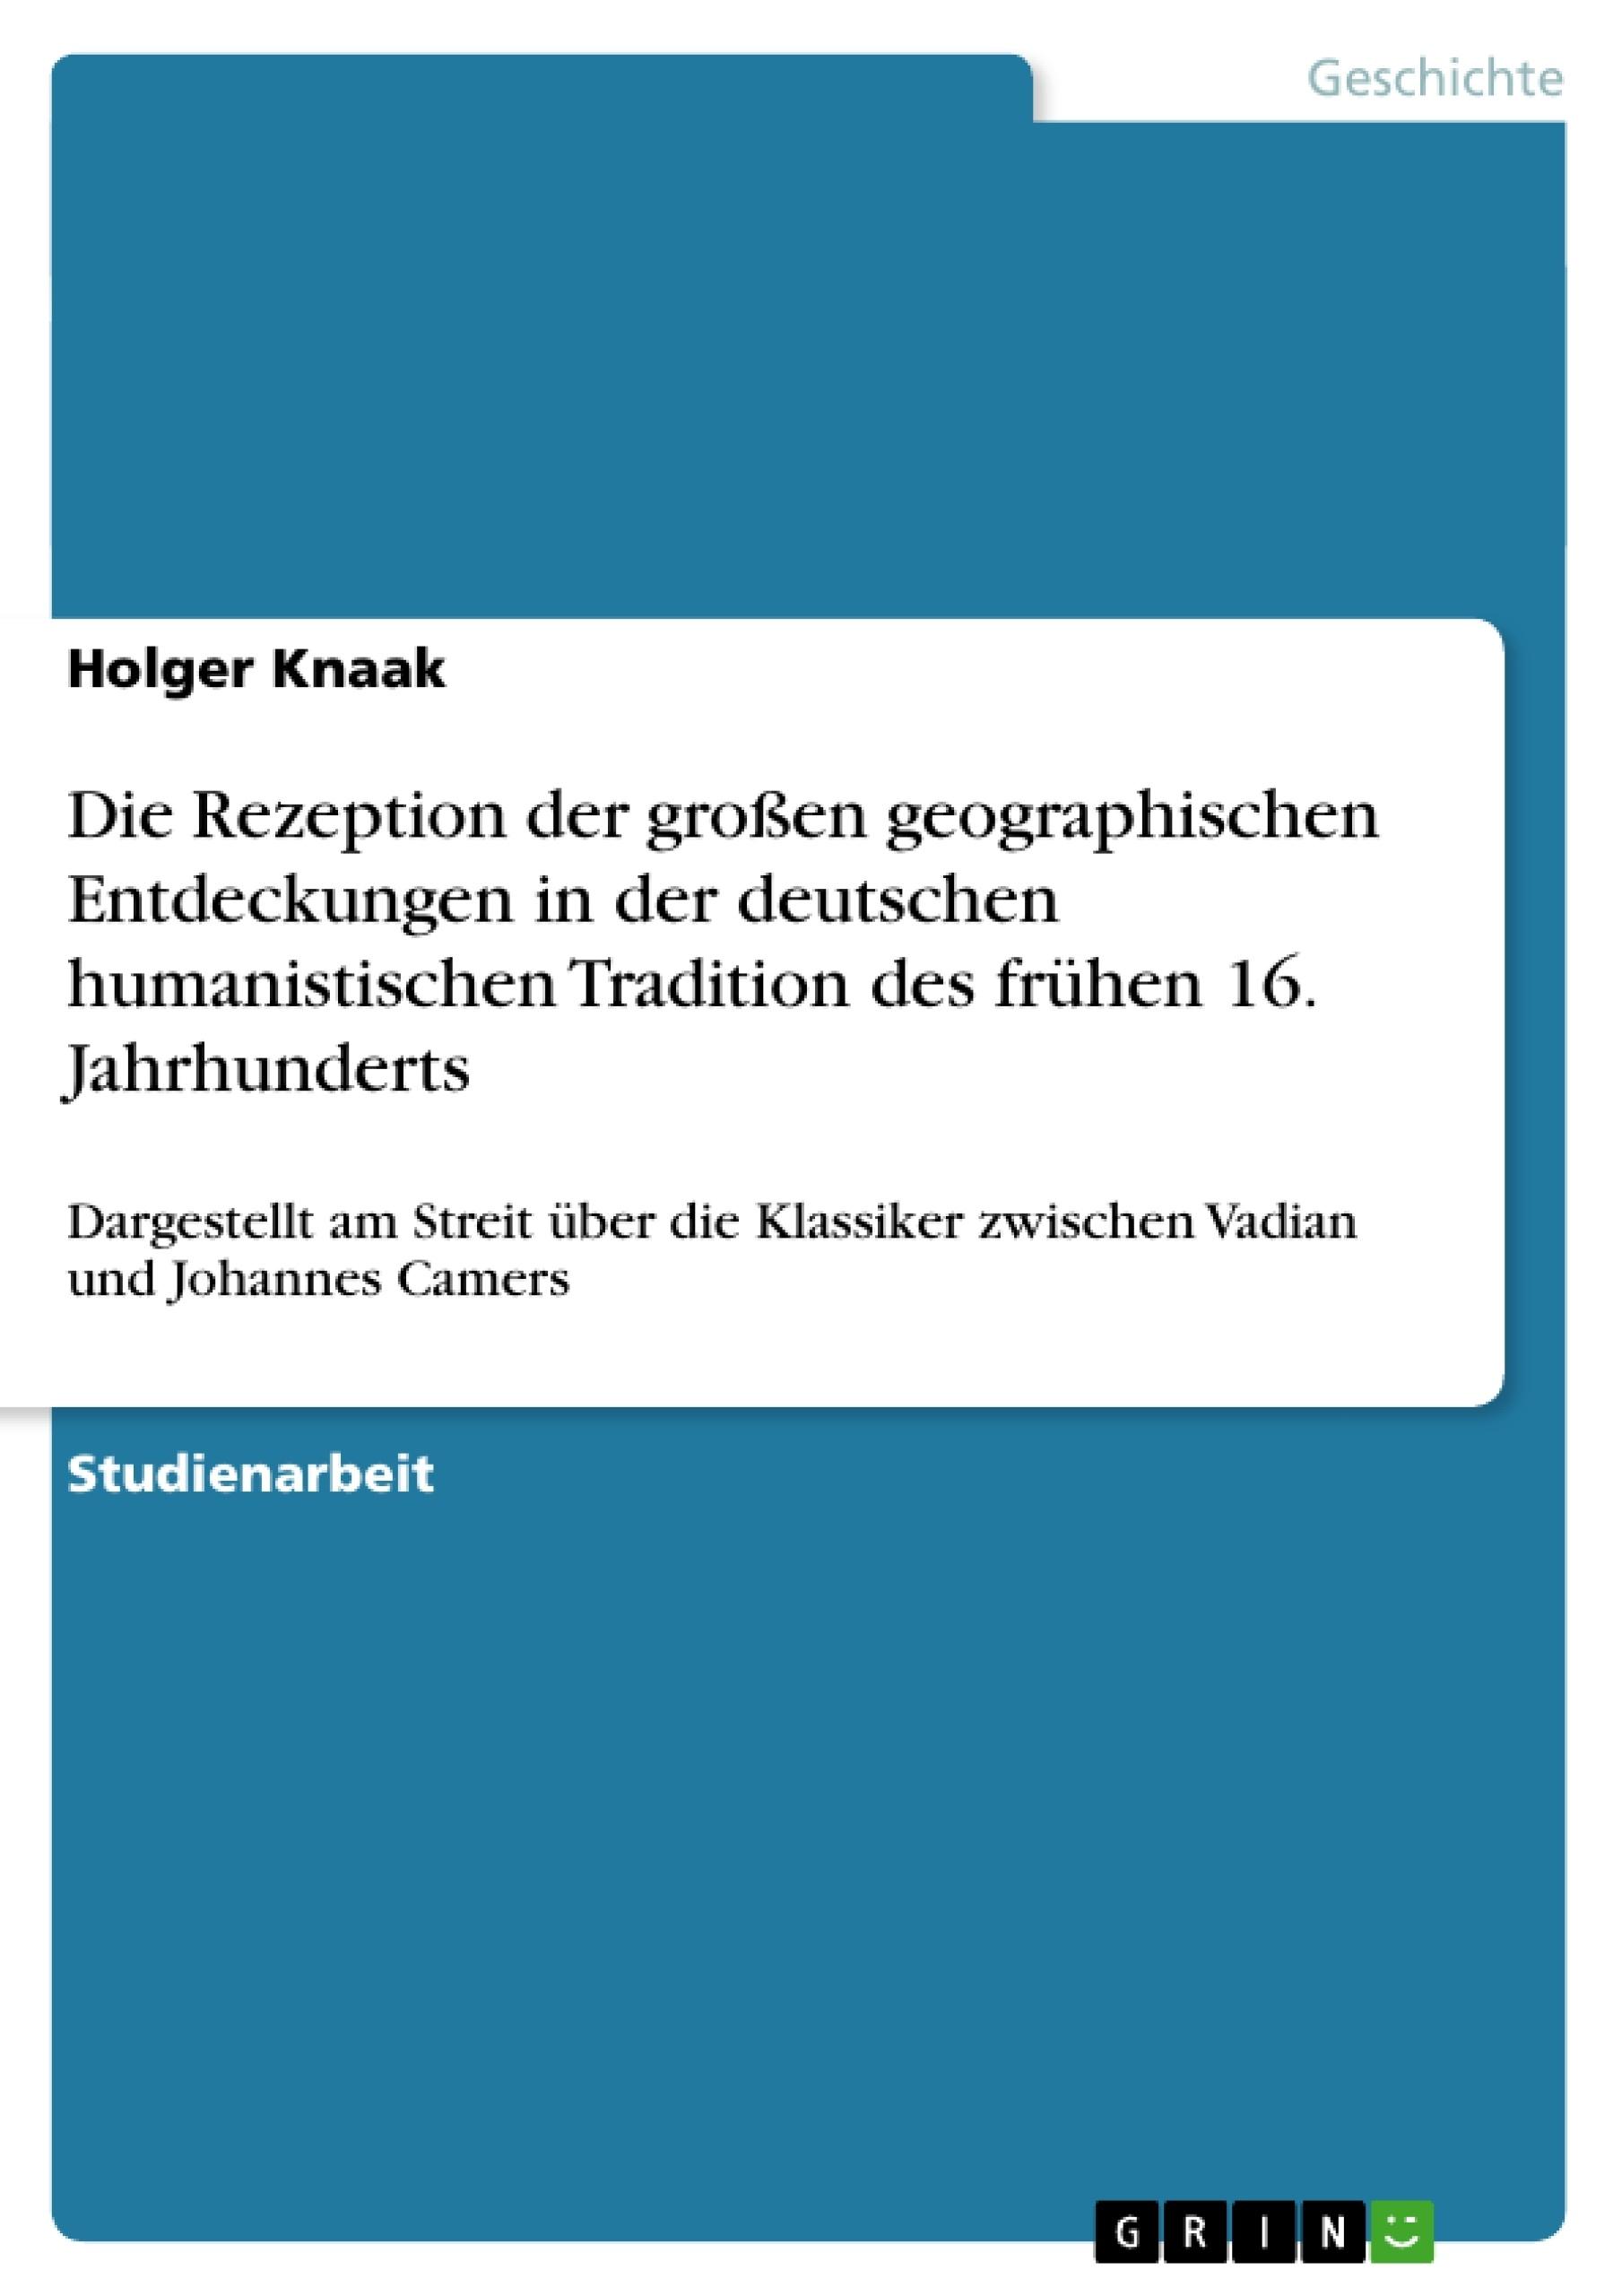 Titel: Die Rezeption der großen geographischen Entdeckungen in der deutschen humanistischen Tradition des frühen 16. Jahrhunderts